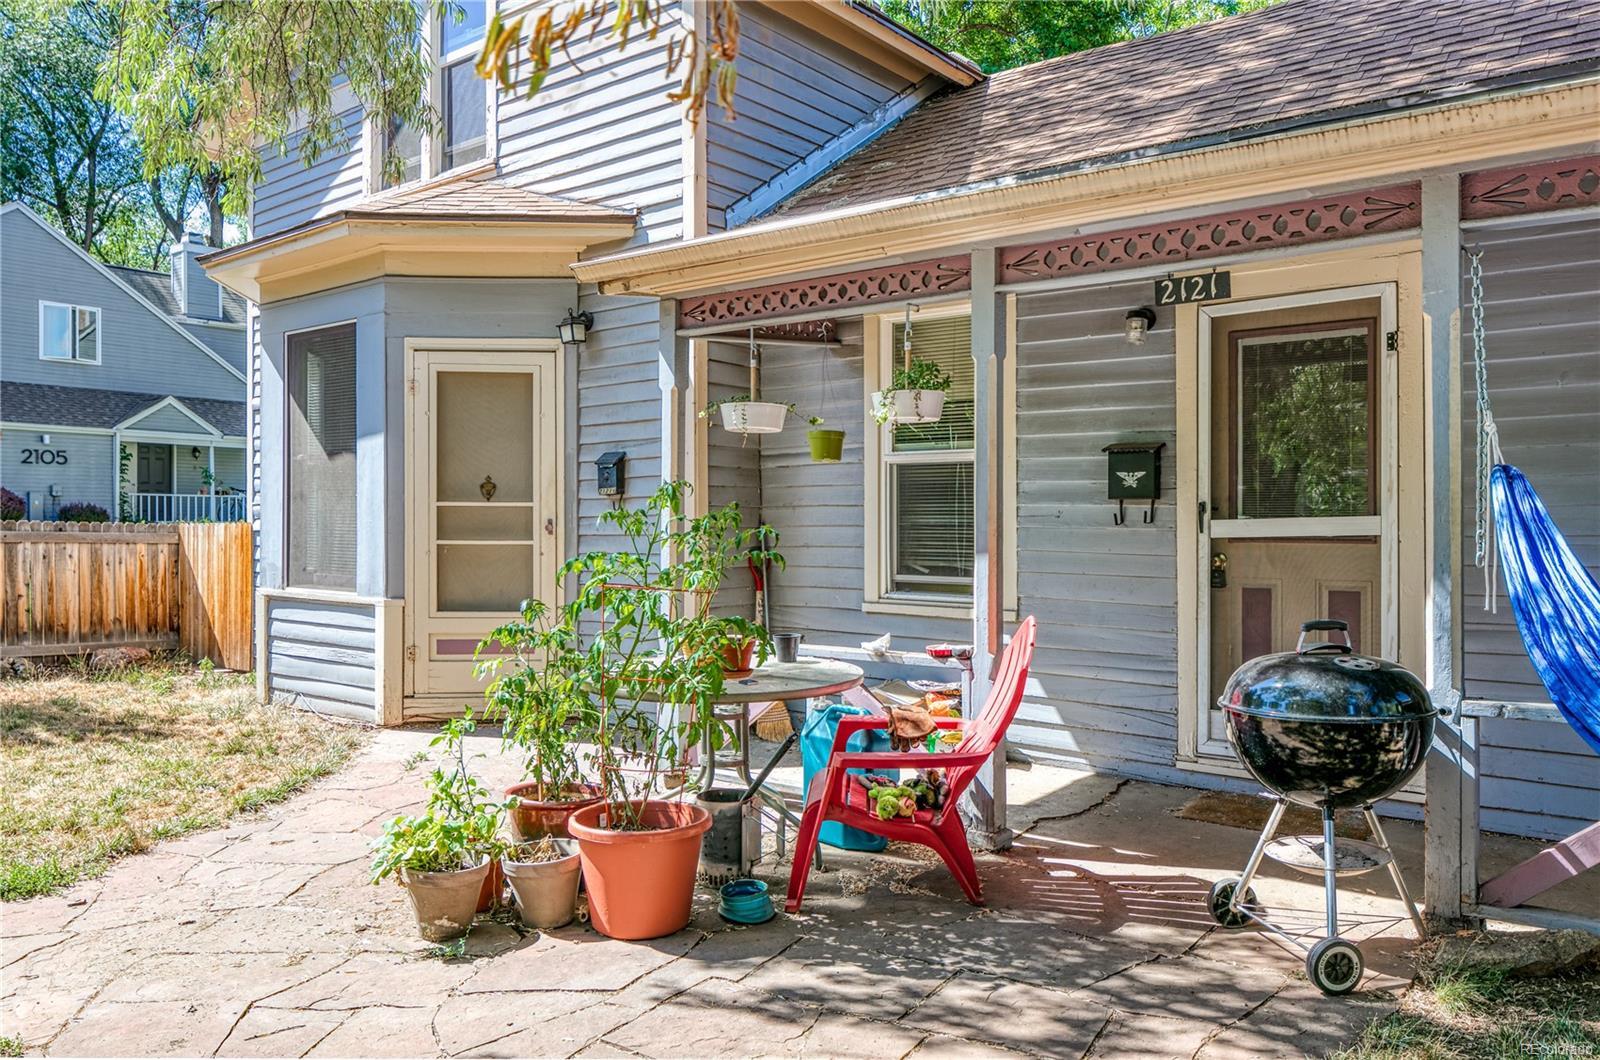 2121 Walnut Street, Boulder, CO 80302 - Boulder, CO real estate listing